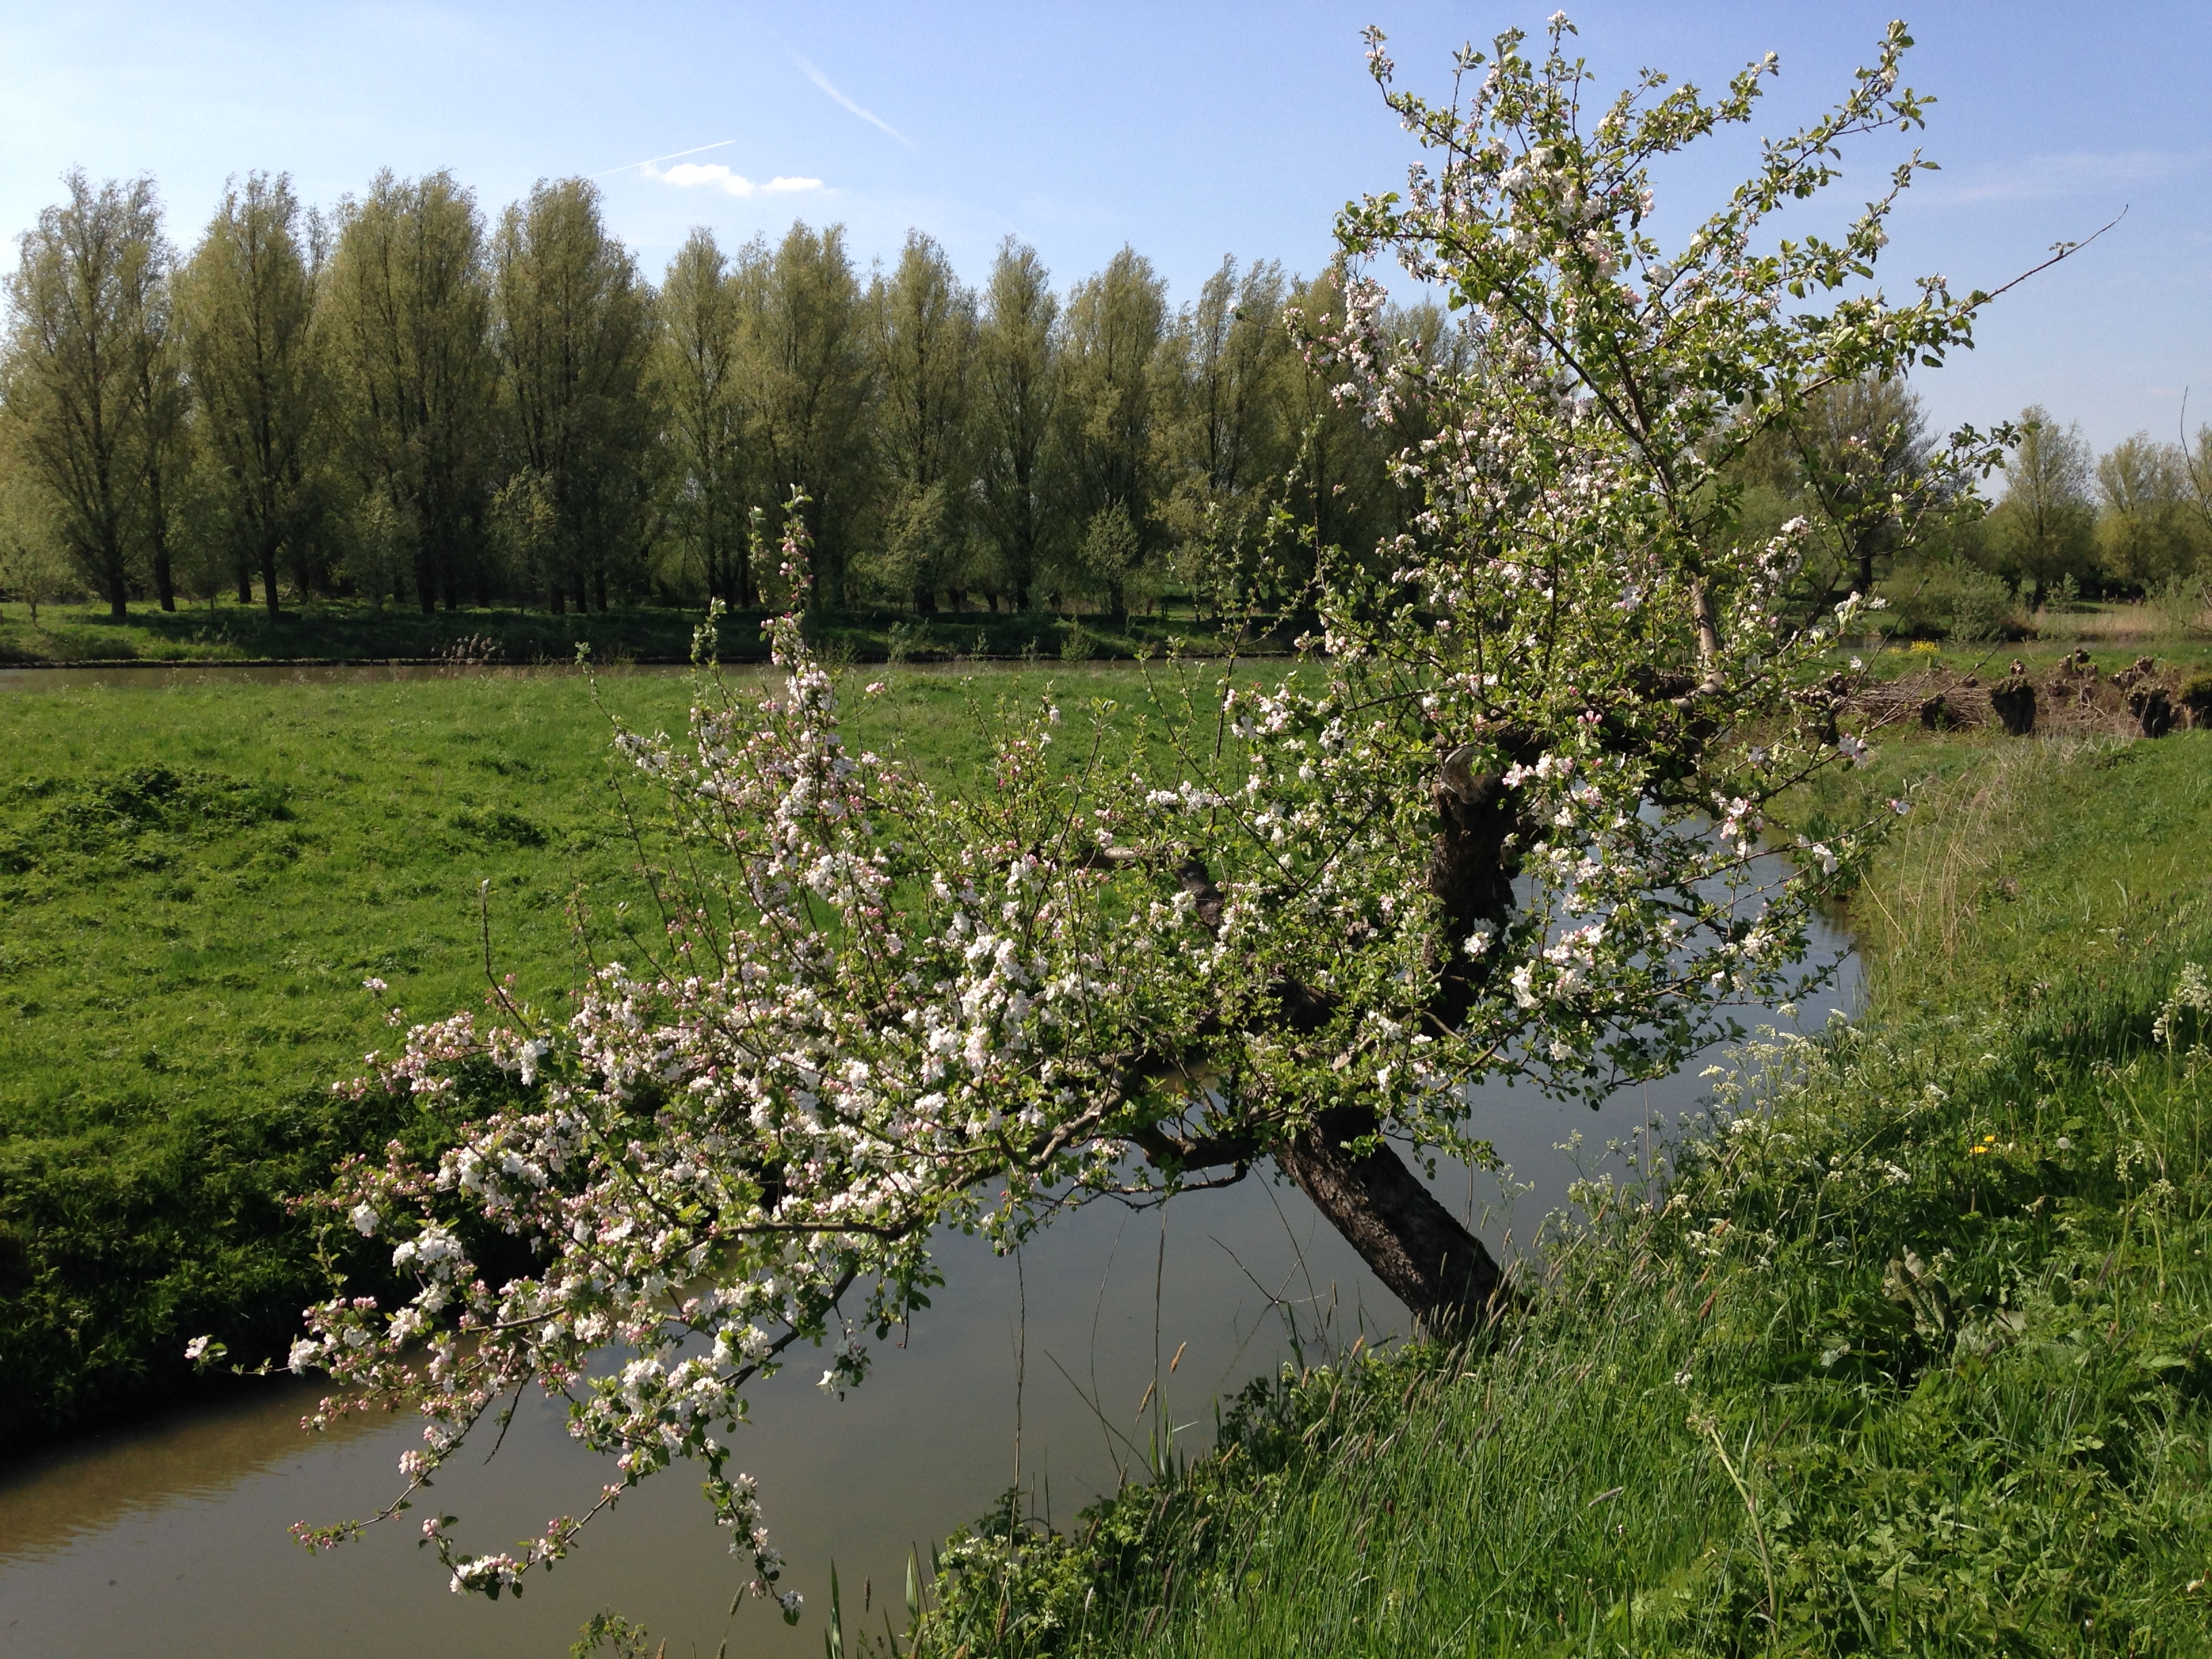 Zeker in de lente is de Betuwe één van de mooiste plekjes van Nederland